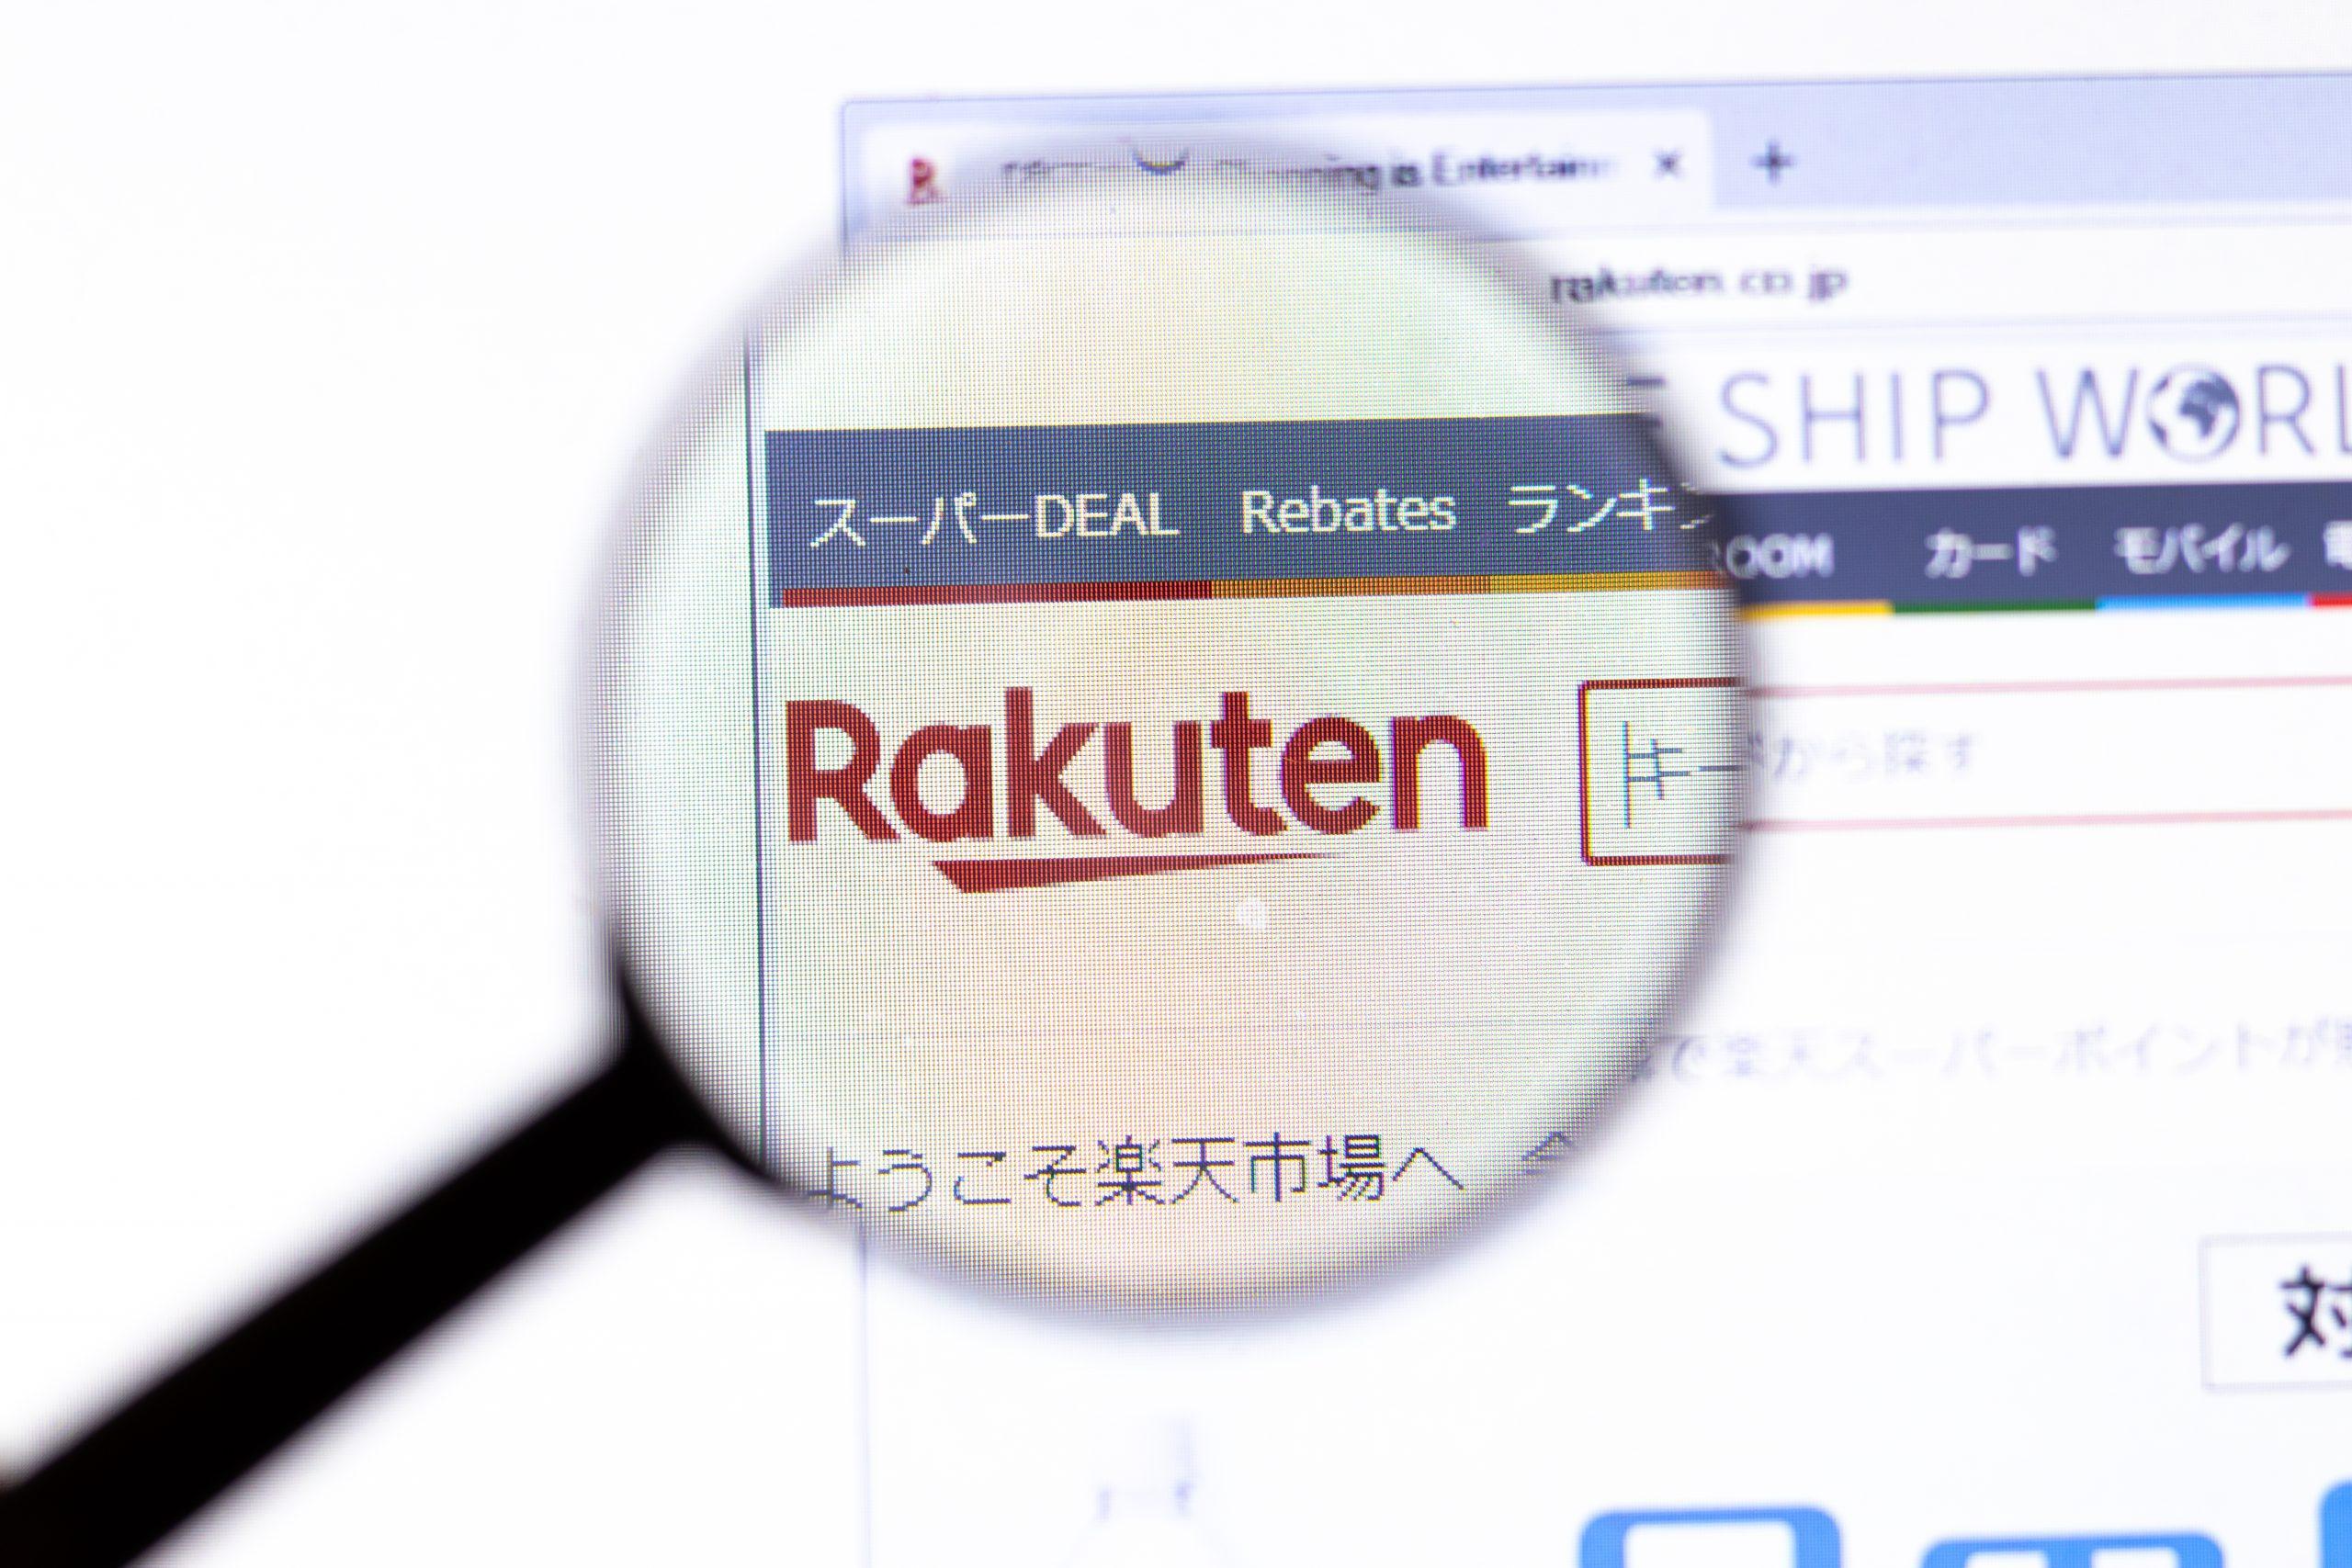 Rakuten makes you money online see how at jenbaucom.com. #rakuten #makemoneyonline